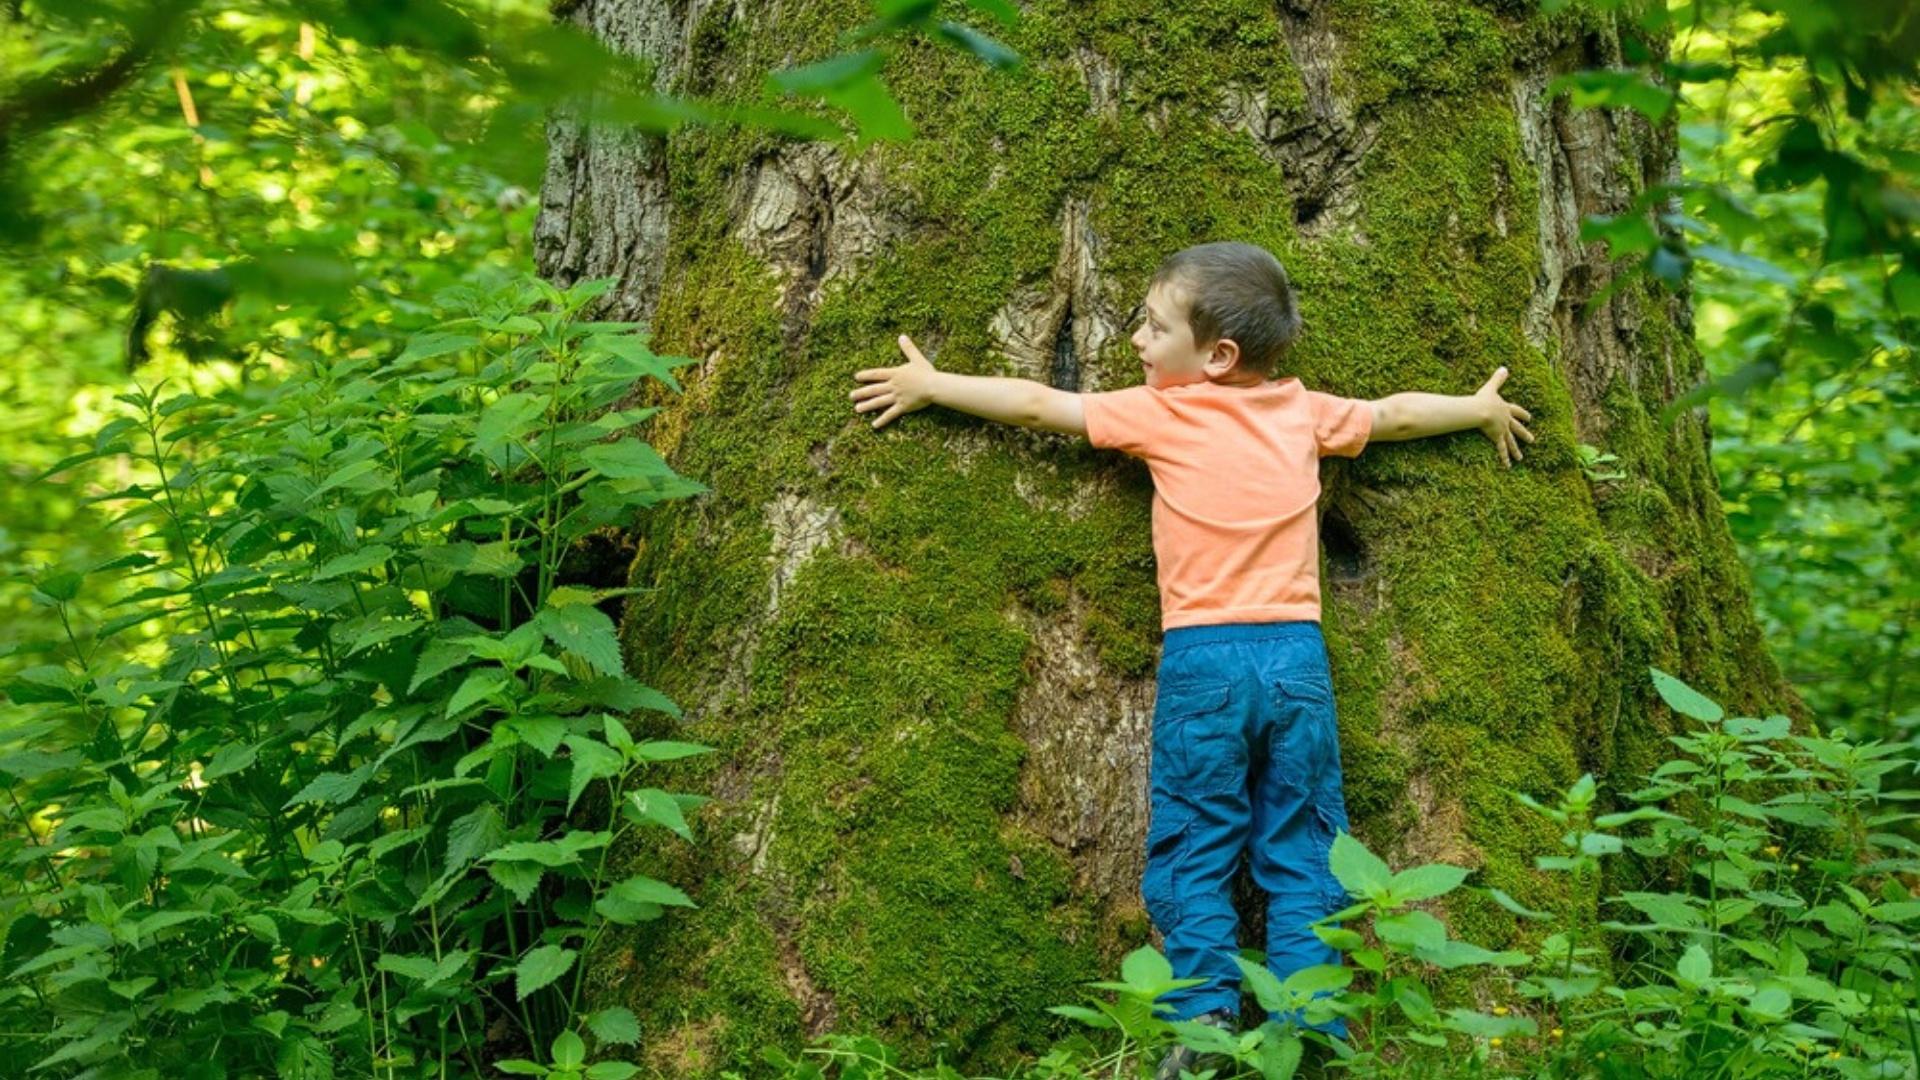 copil-imbratisand-un-copac-dan-dinu-1920x1080